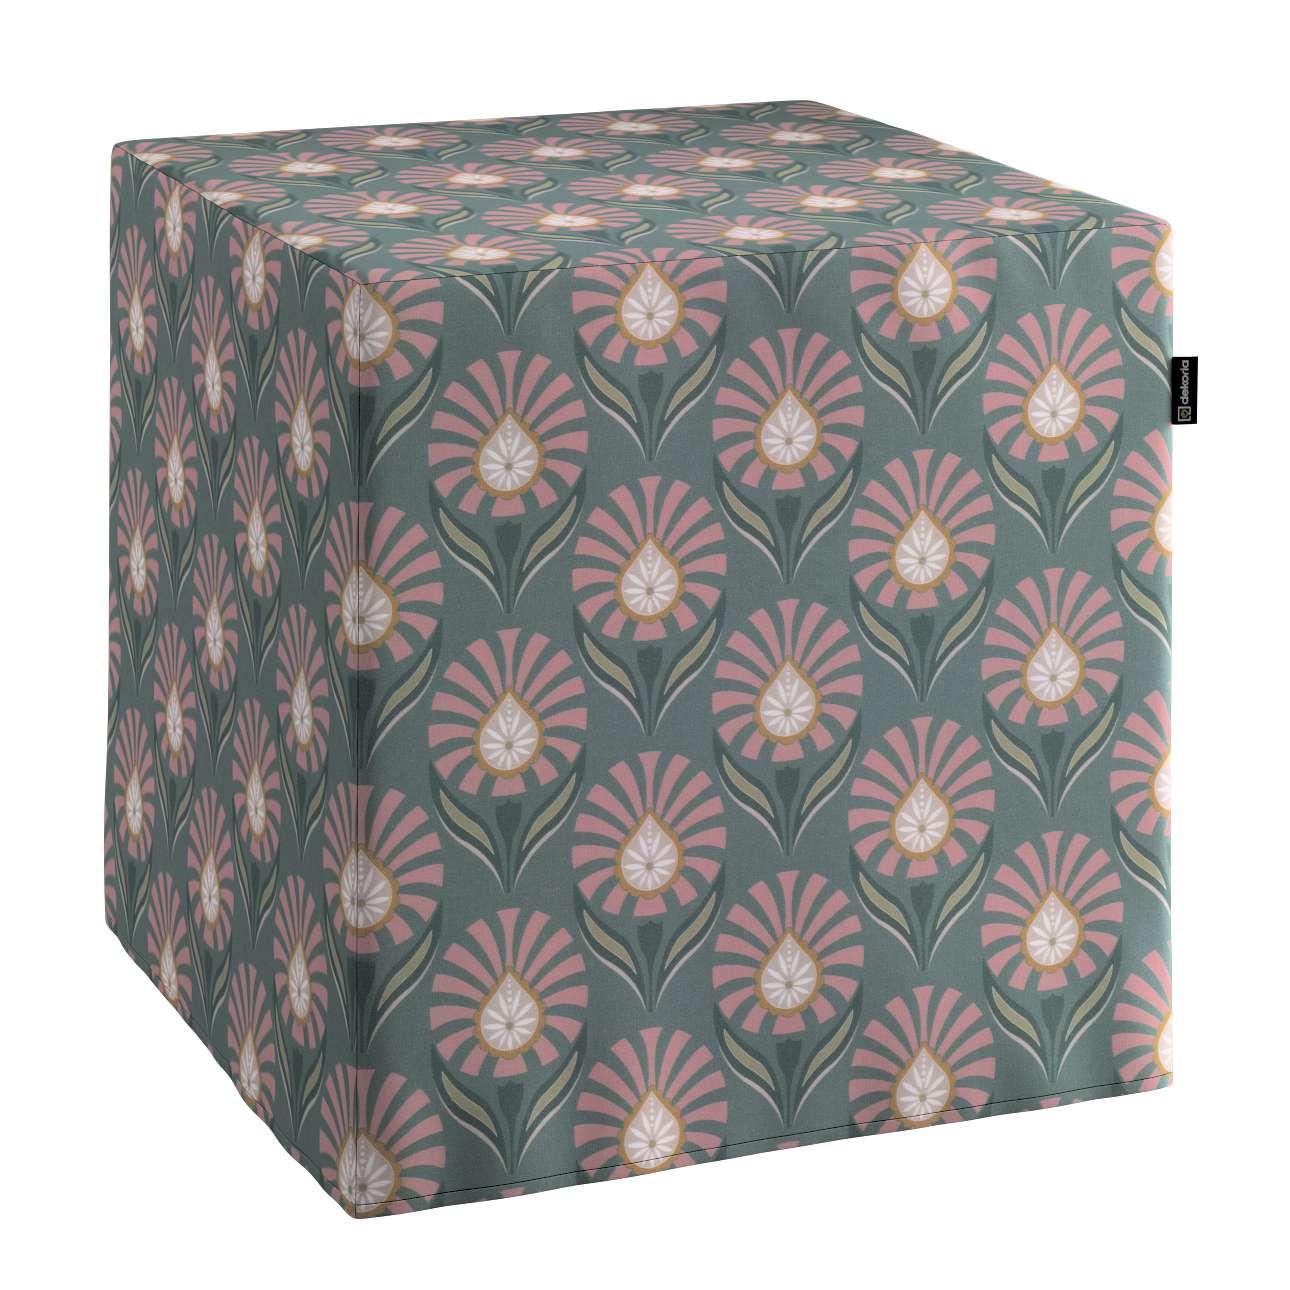 Sedák Cube - kostka pevná 40x40x40 v kolekci Gardenia, látka: 142-17